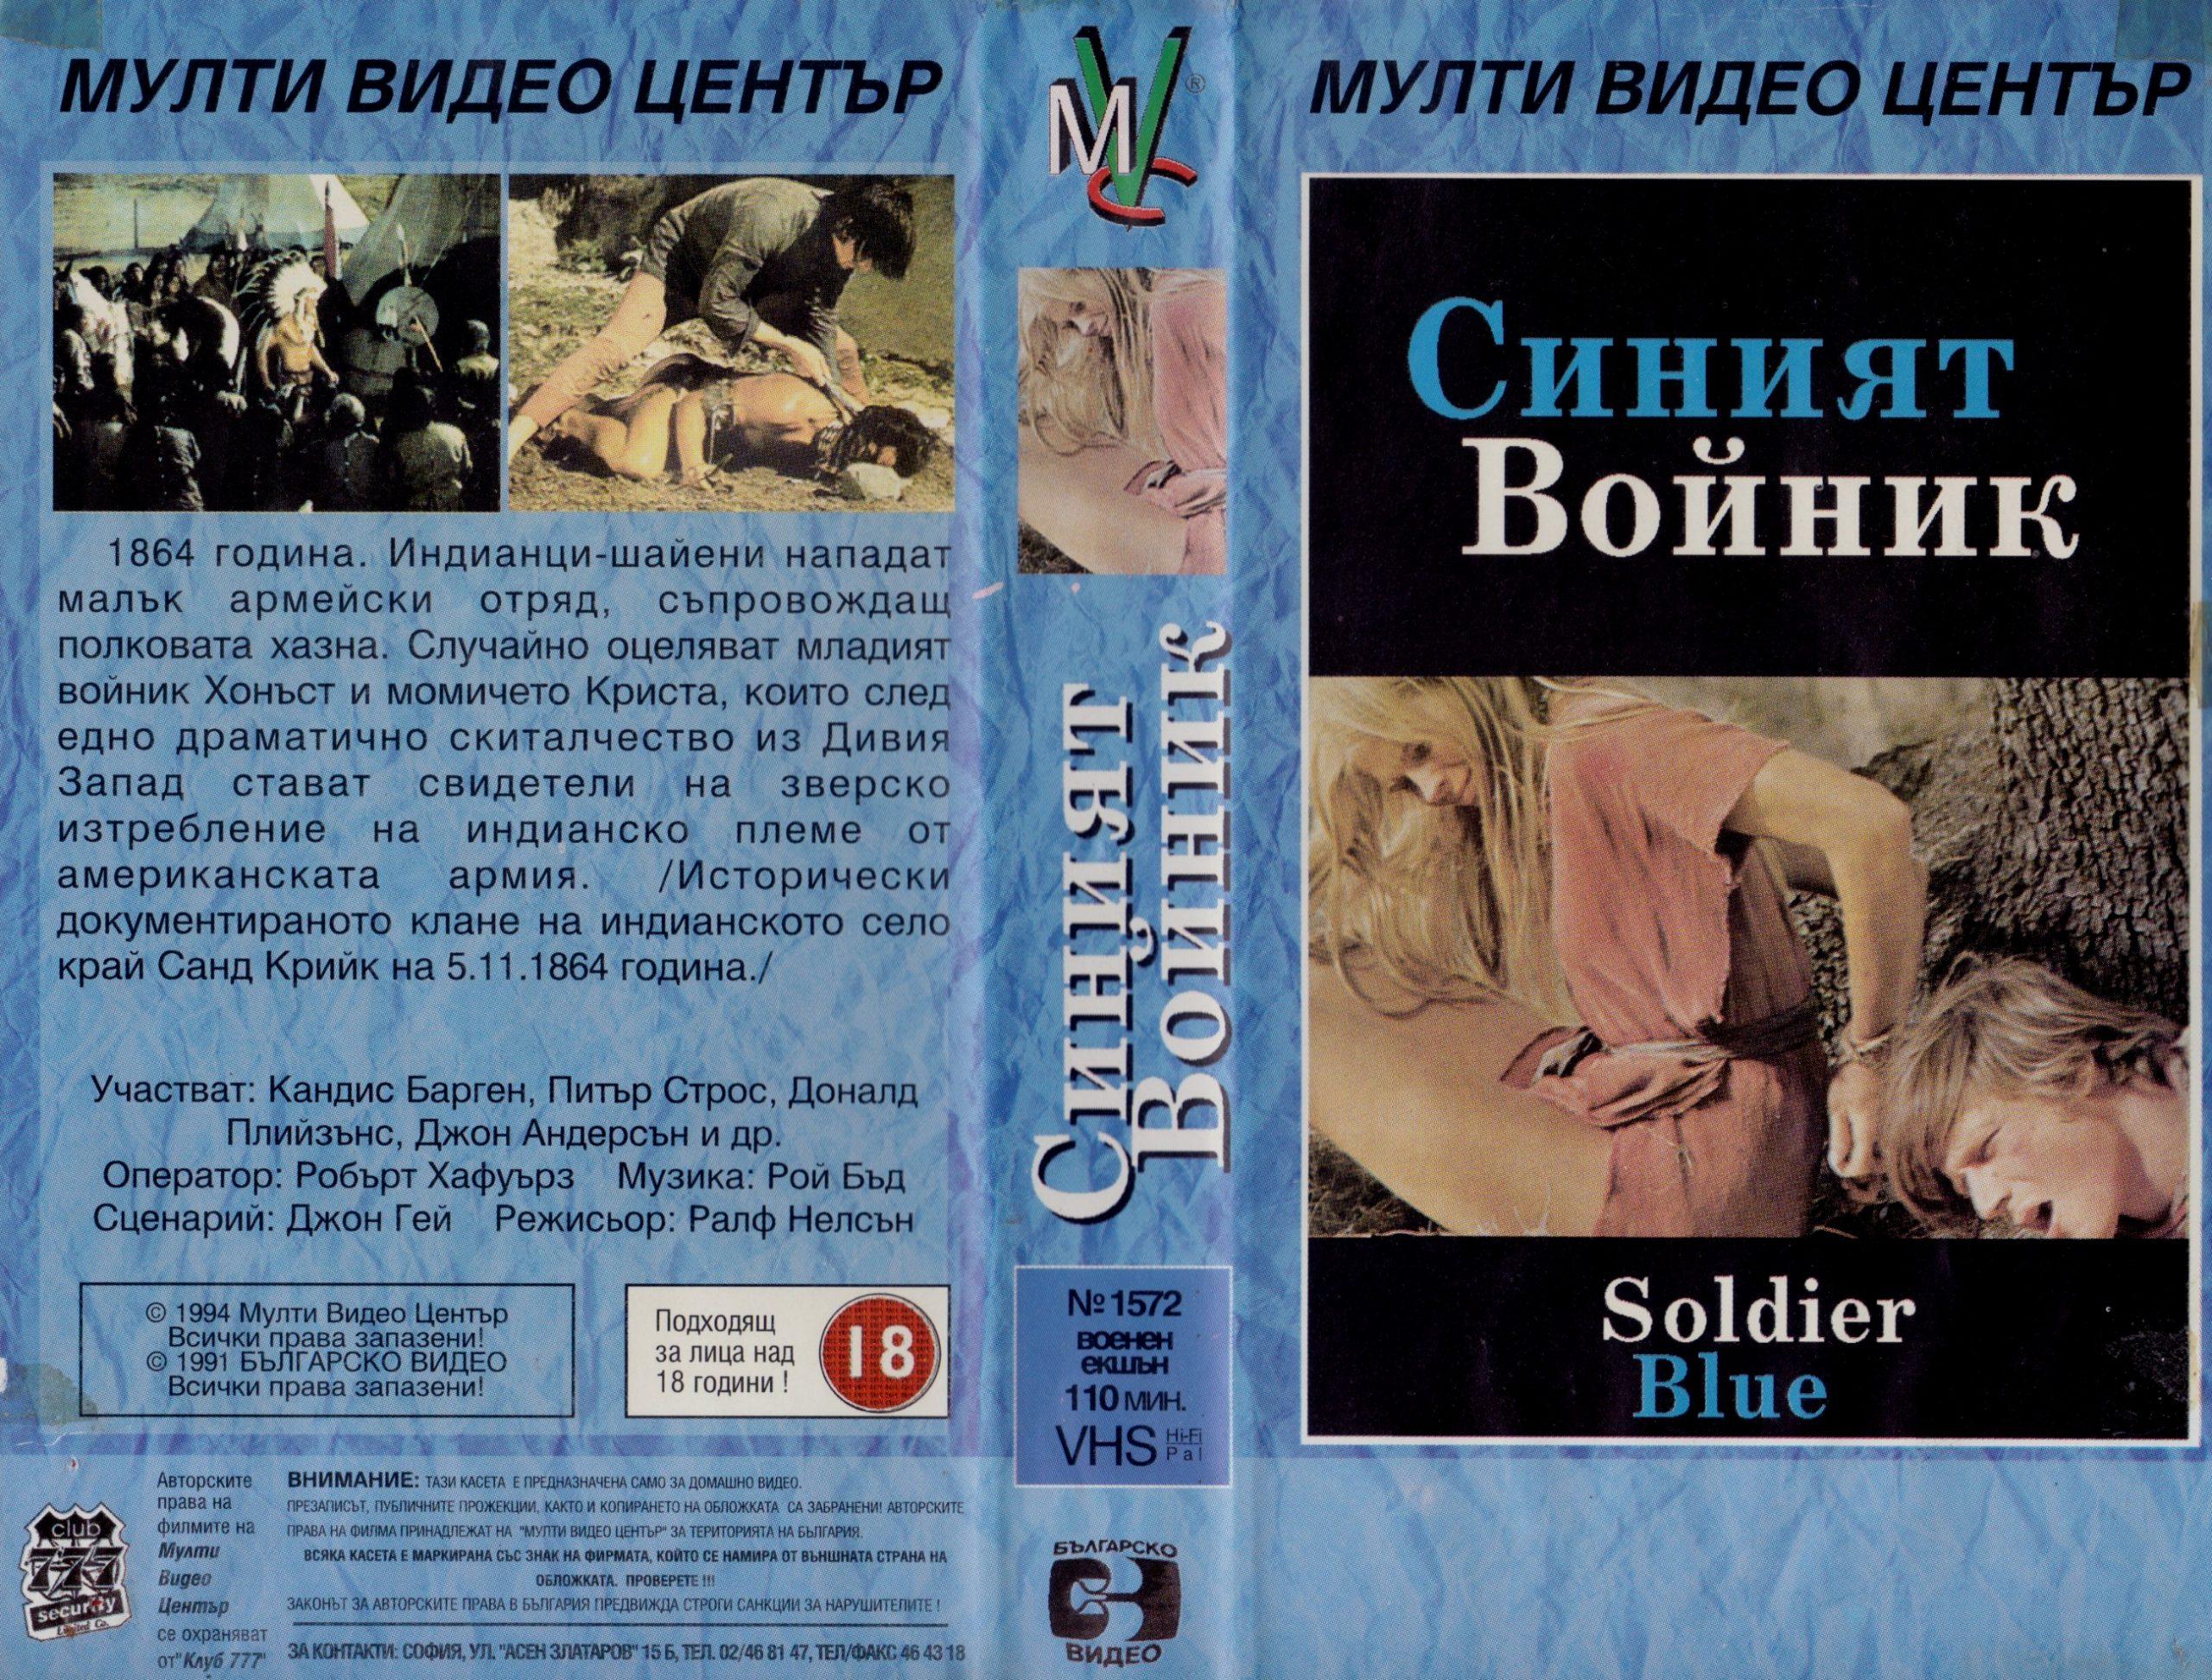 Синият войник